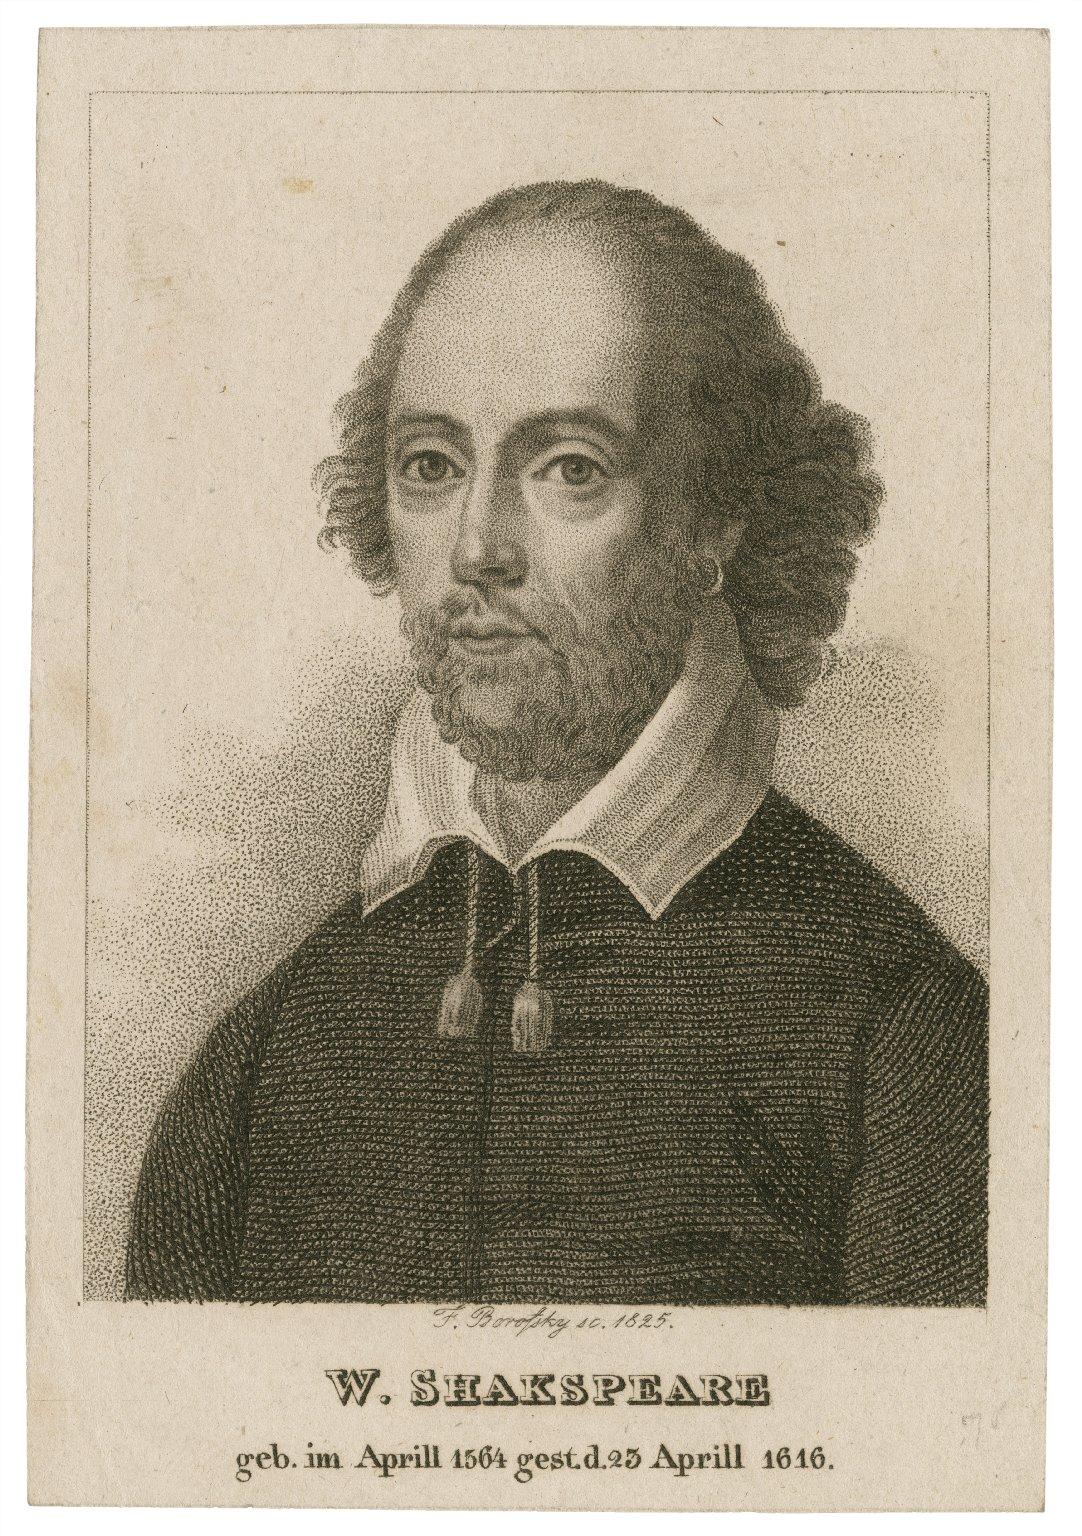 W. Shakspeare geb. im Aprill 1564, gest d. 23 Aprill 1616 [graphic] / F. Borotsky, sc., 1825.